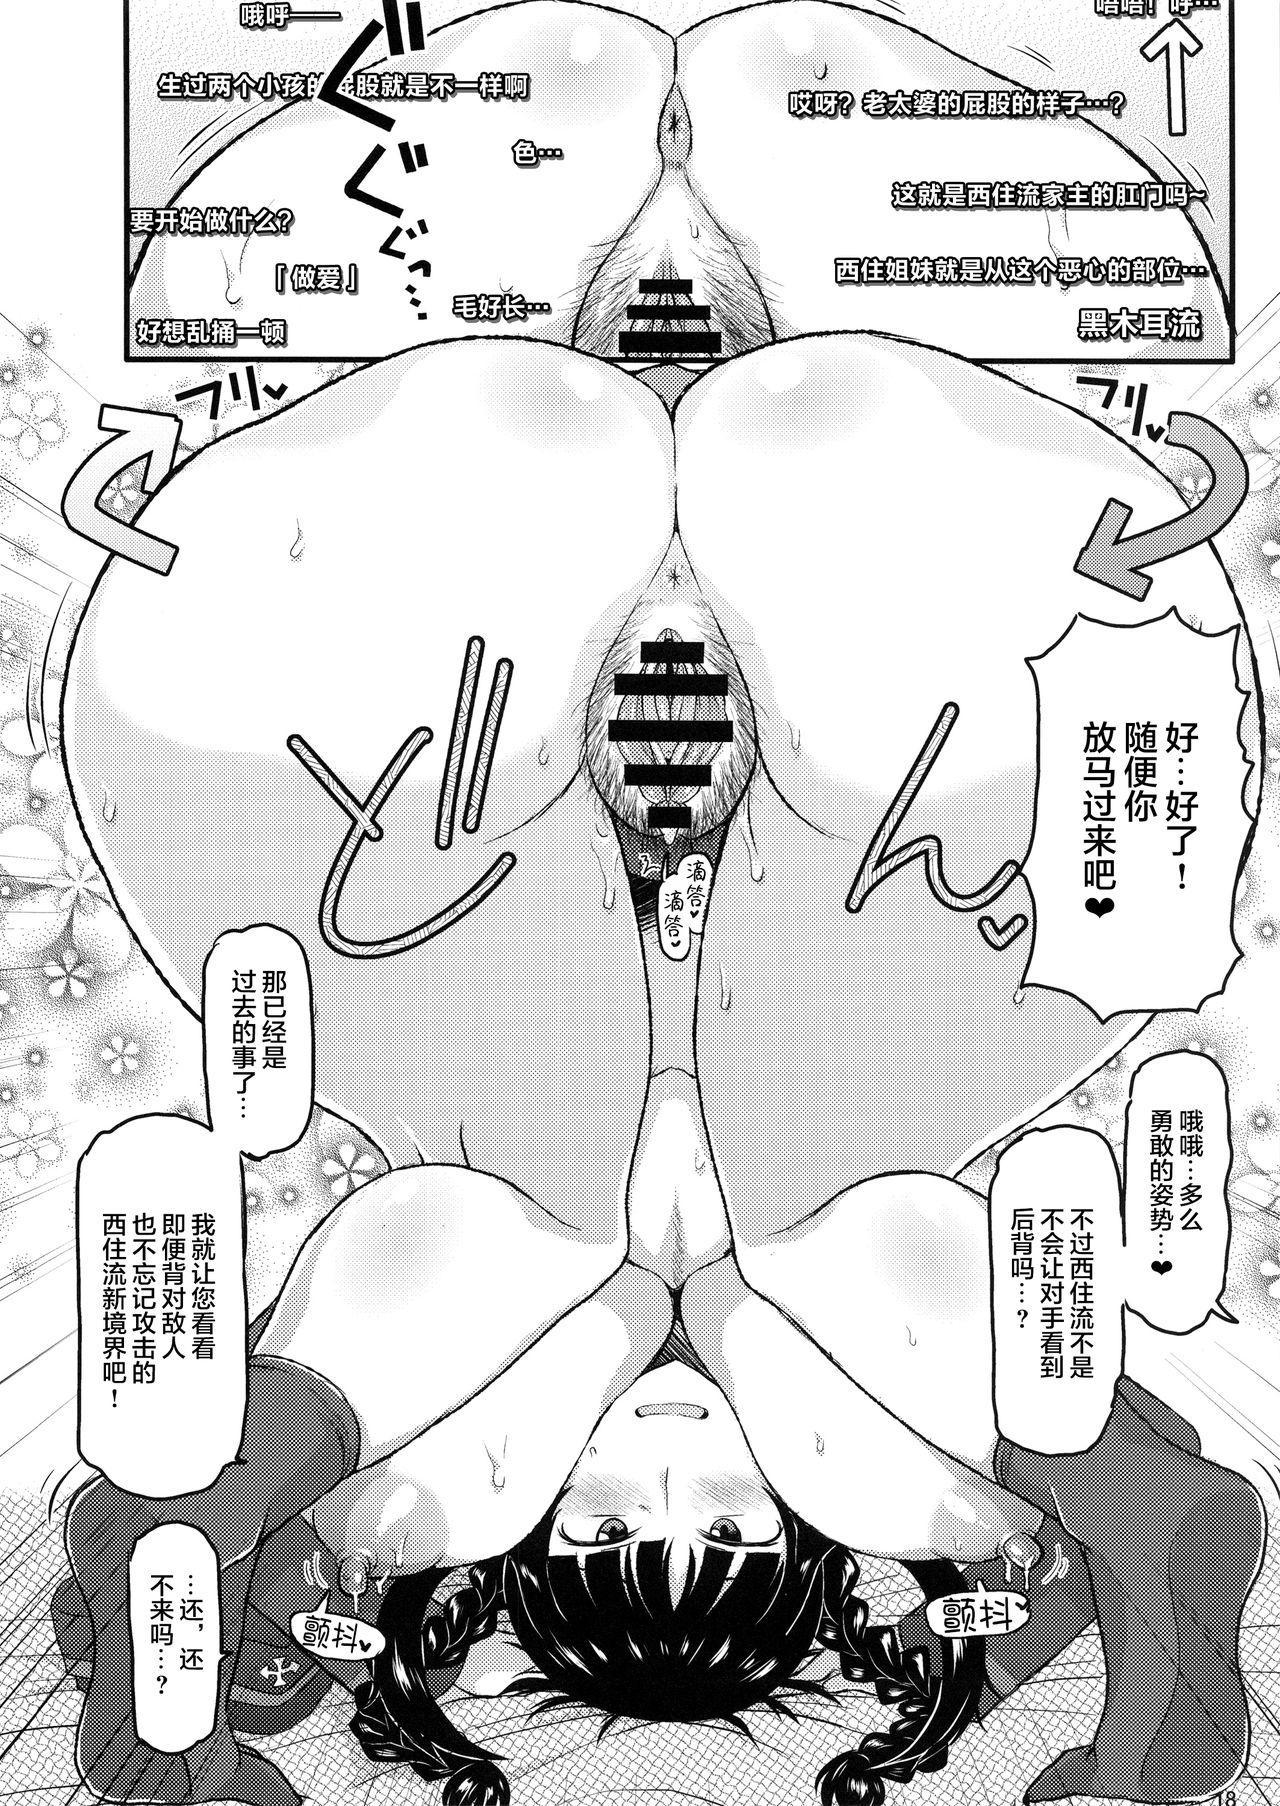 Girl?s & Semen III Nishizumi Shiho no Moteamashita Ureure Body o Chuunen Chinpo de Soutou Sakusen! Iemoto Ransou ni Idenshi Seichuu Butai Shinkou Kaishi 17